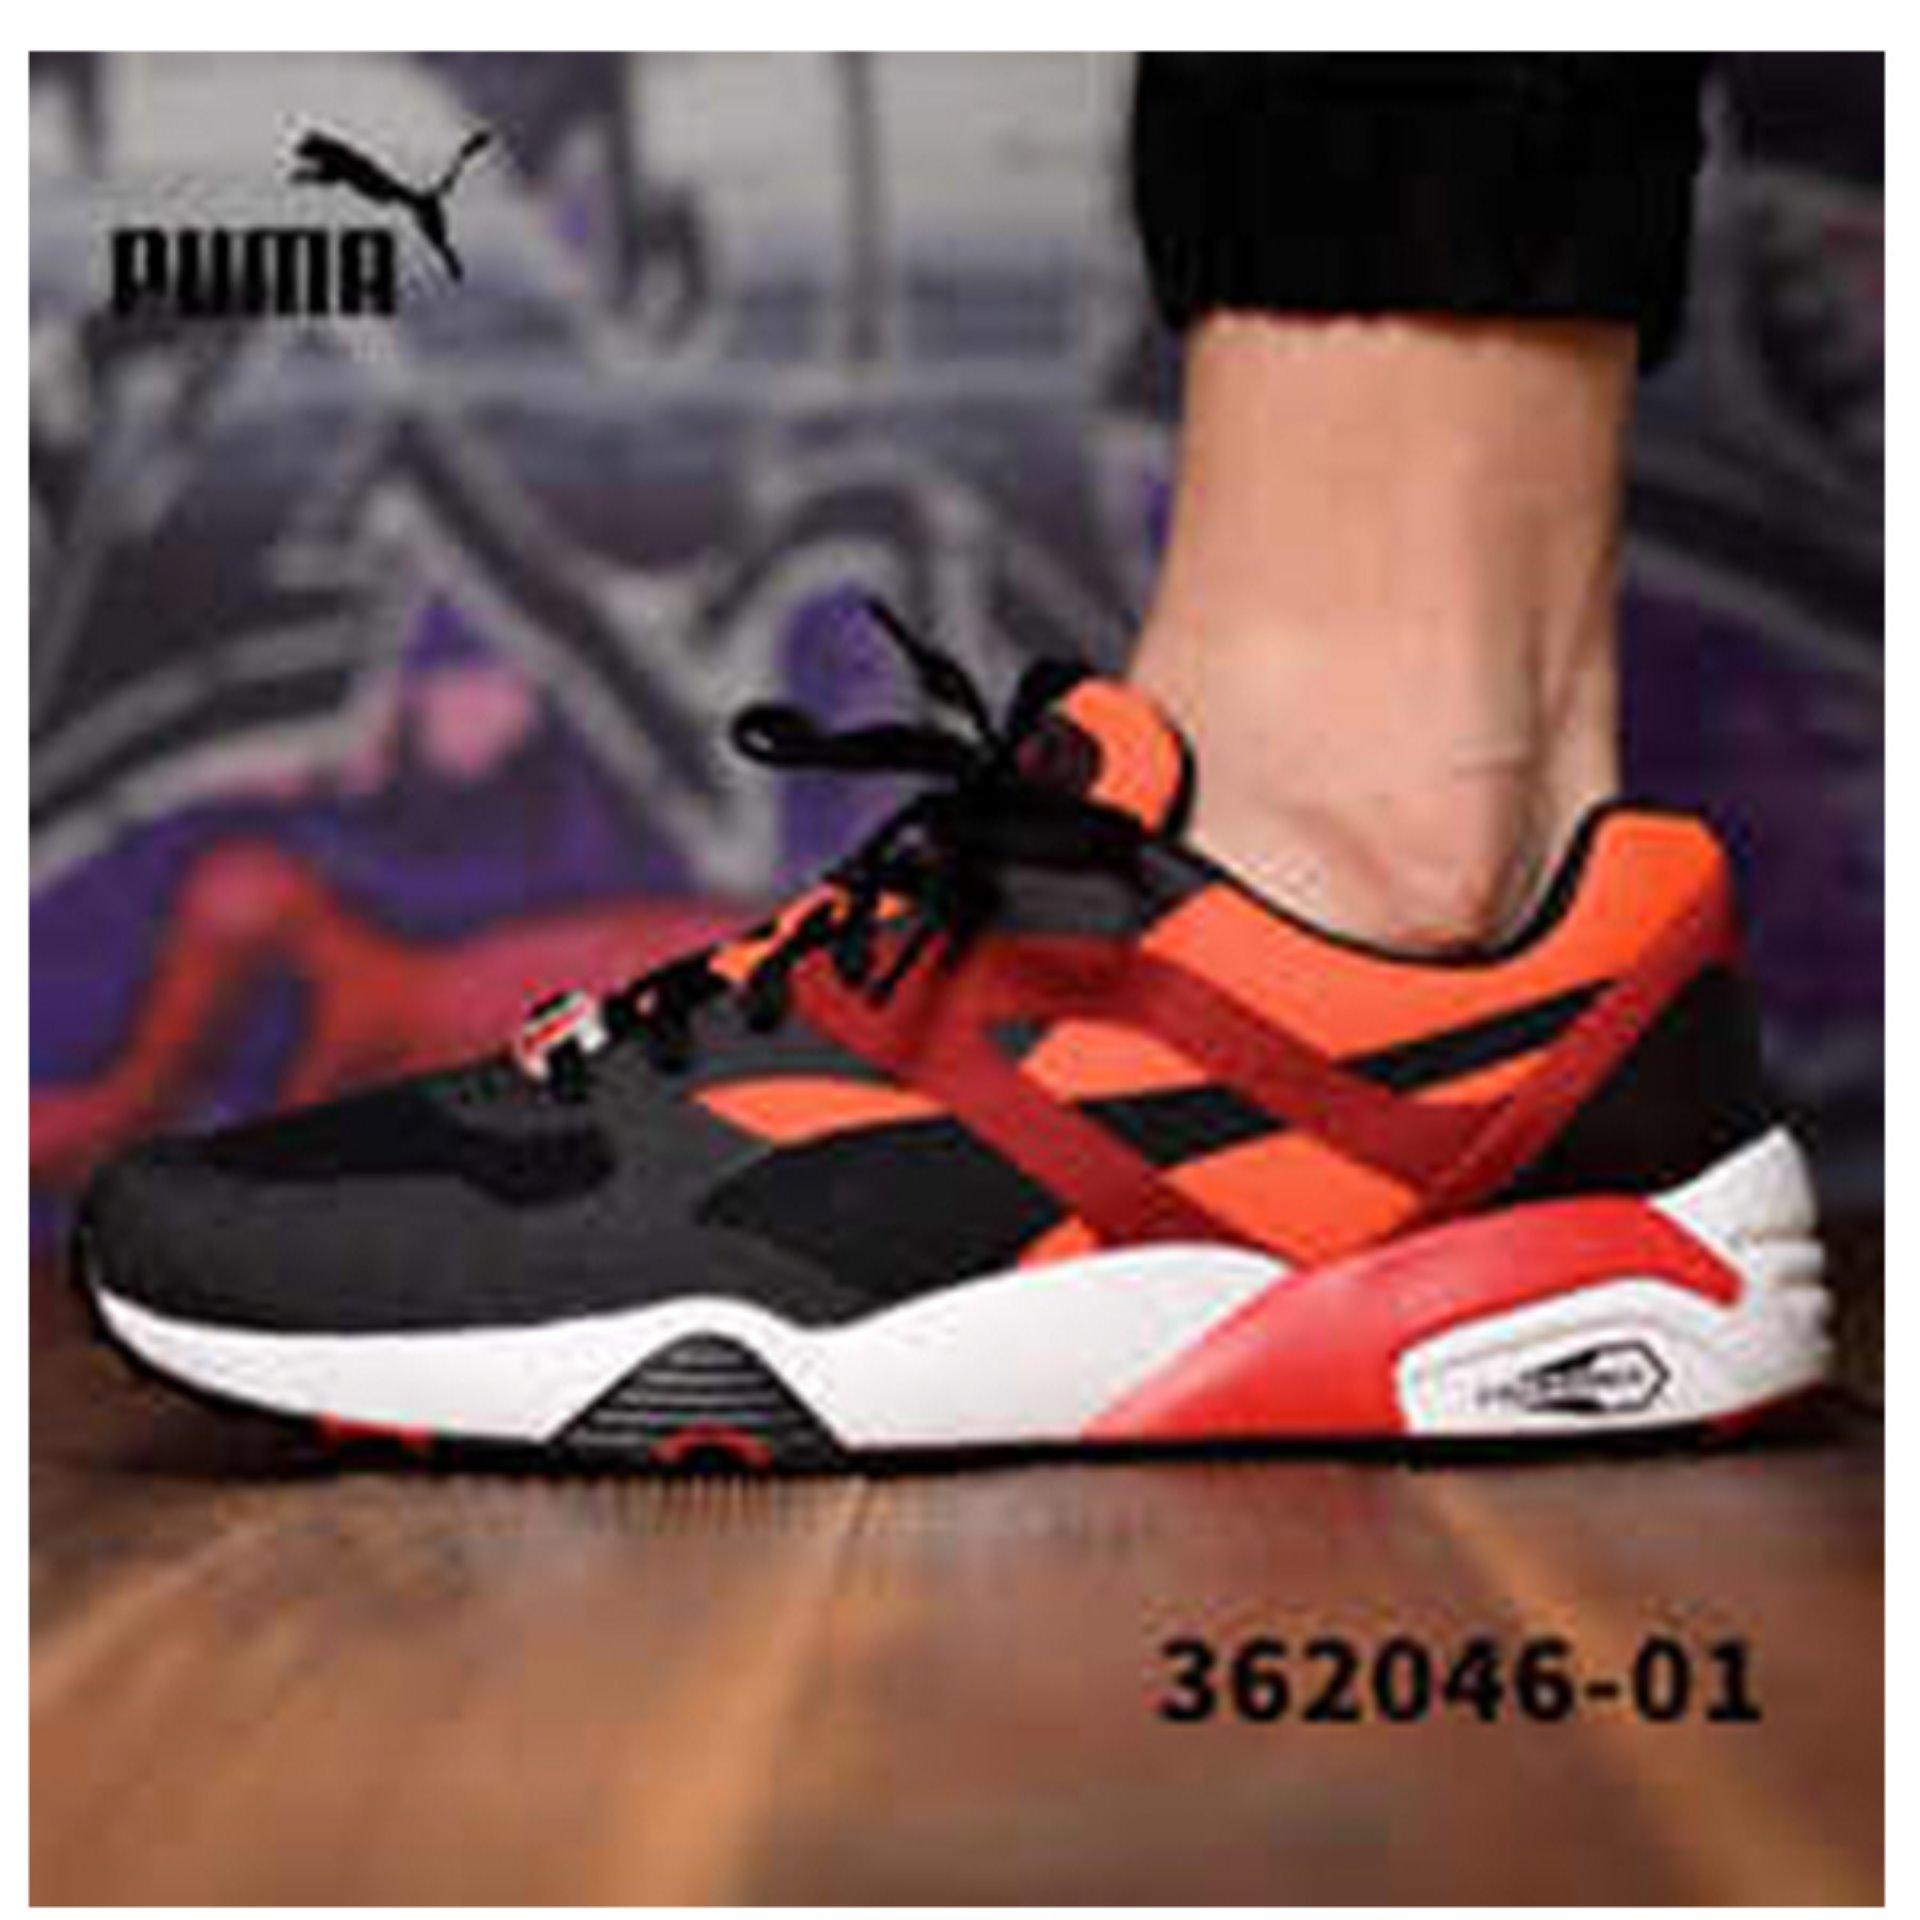 Puma Sepatu Sneaker R698 Blocked 35928802 Daftar Harga Terbaru Dan Shoes Pacer Barbados Cherry Merah Progressive 36204601